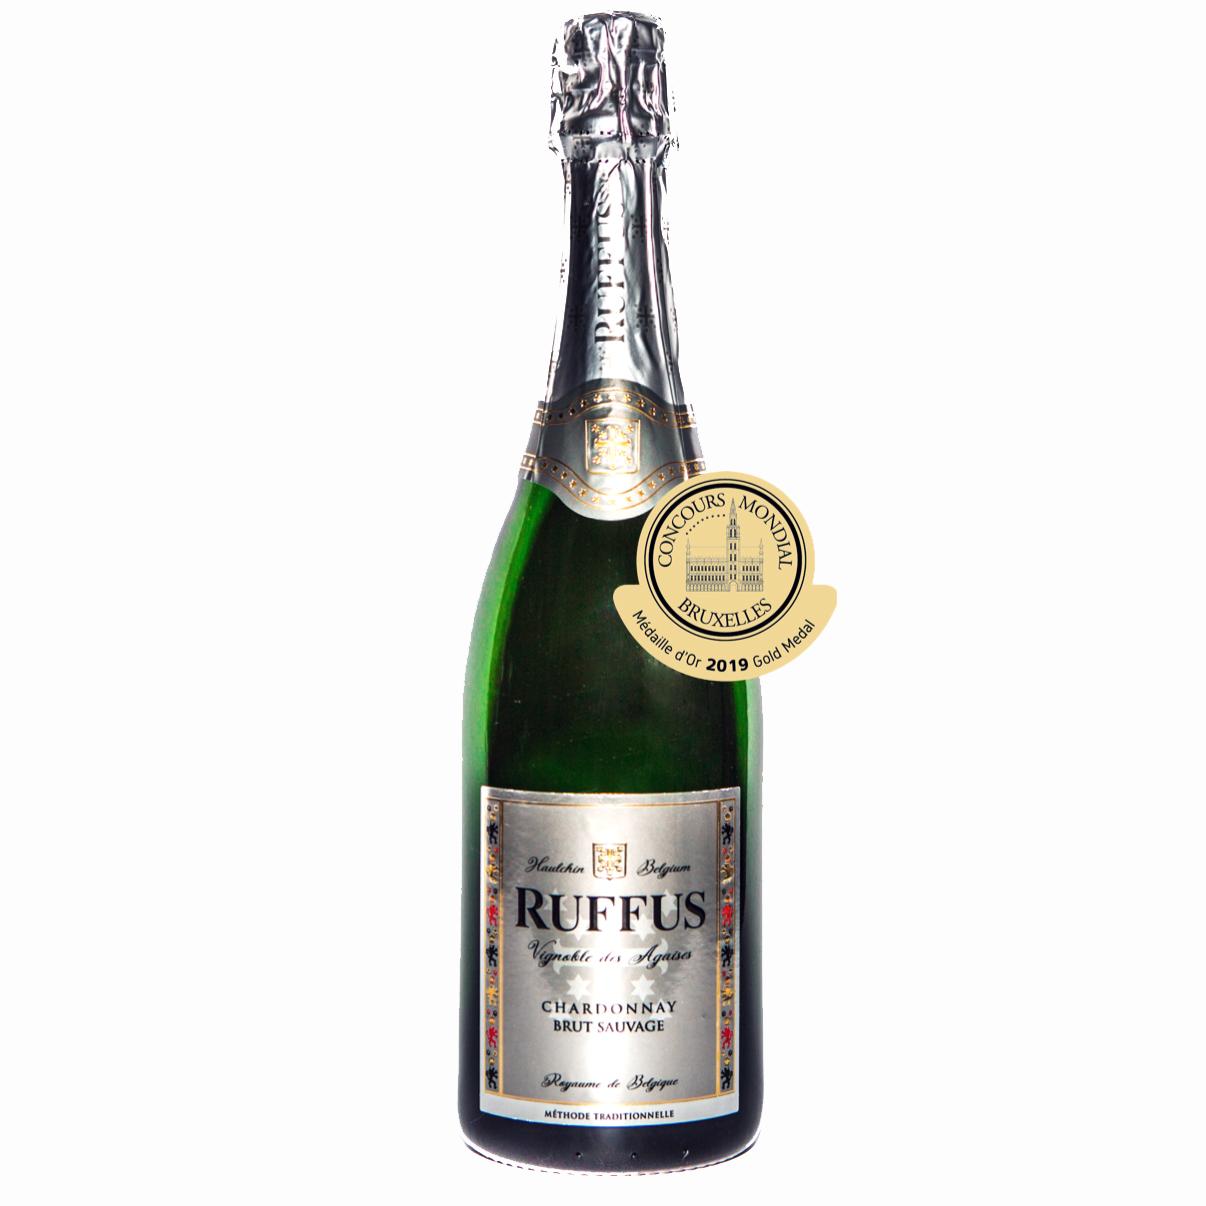 Ruffus - Chardonnay Brut Sauvage ( Max 2 bouteilles par commande, lisez bien la description )